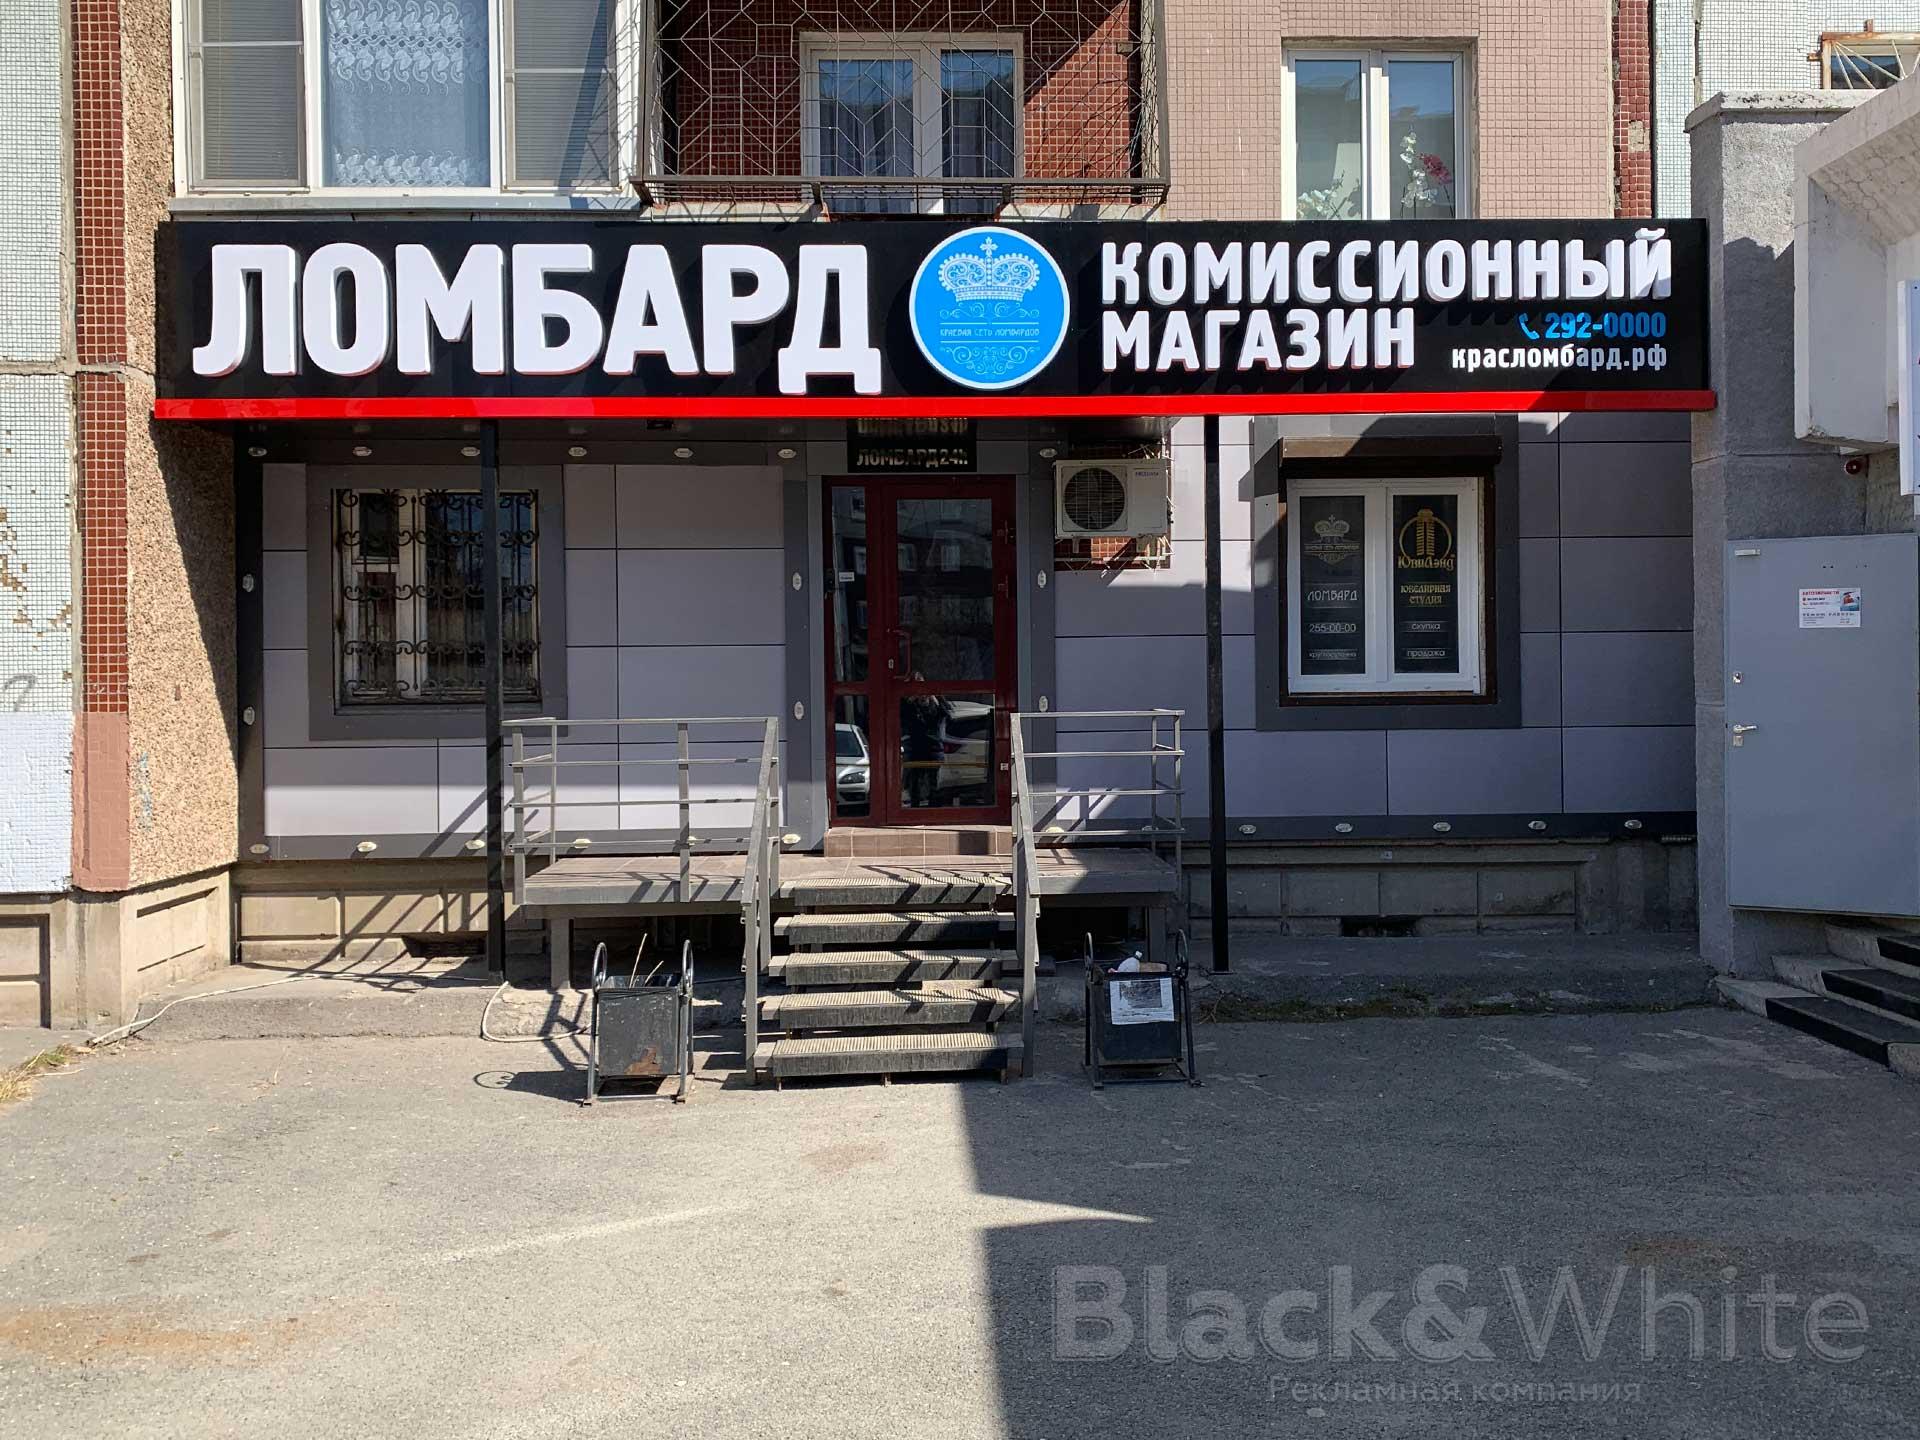 Световая-вывеска-для-ломбарда-с-световыми-объёмными-буквами-в-Красноярске-Black&White-bw.jpg